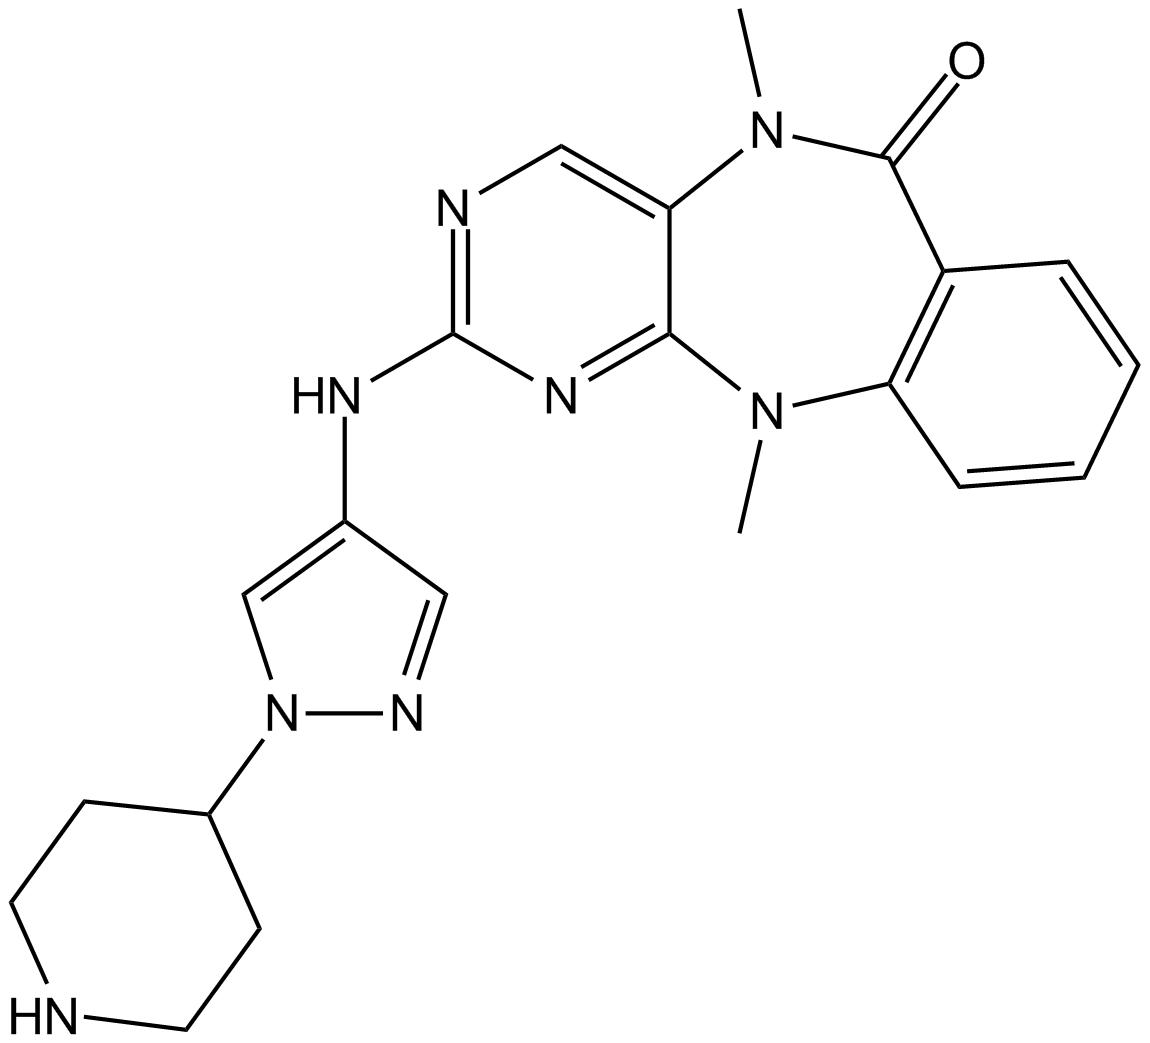 XMD-17-51